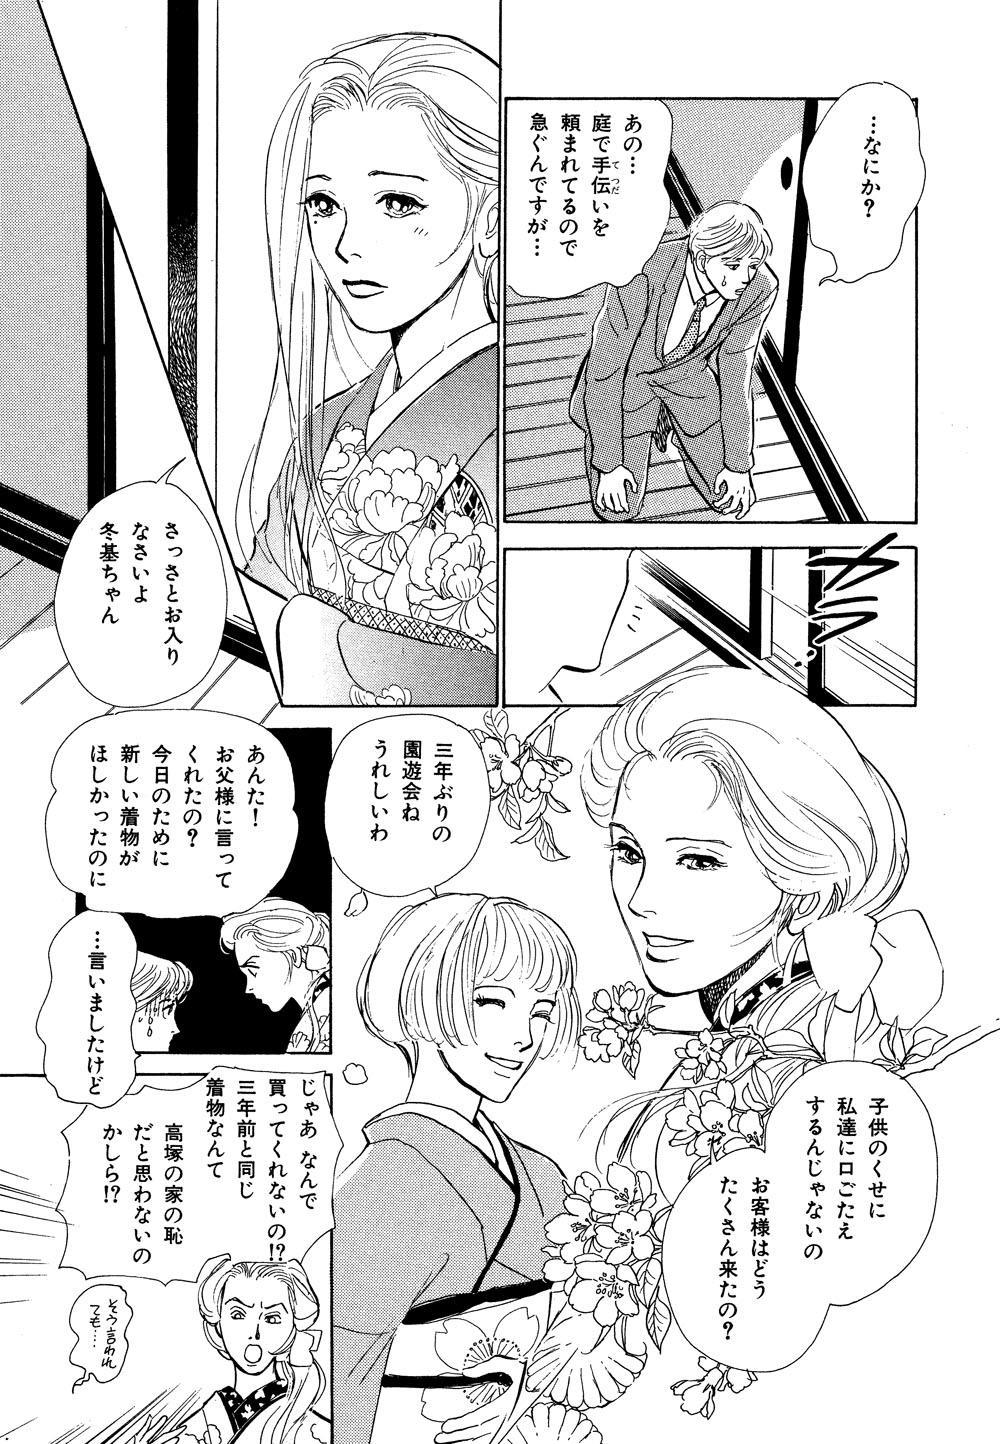 百鬼夜行抄_03_0065.jpg